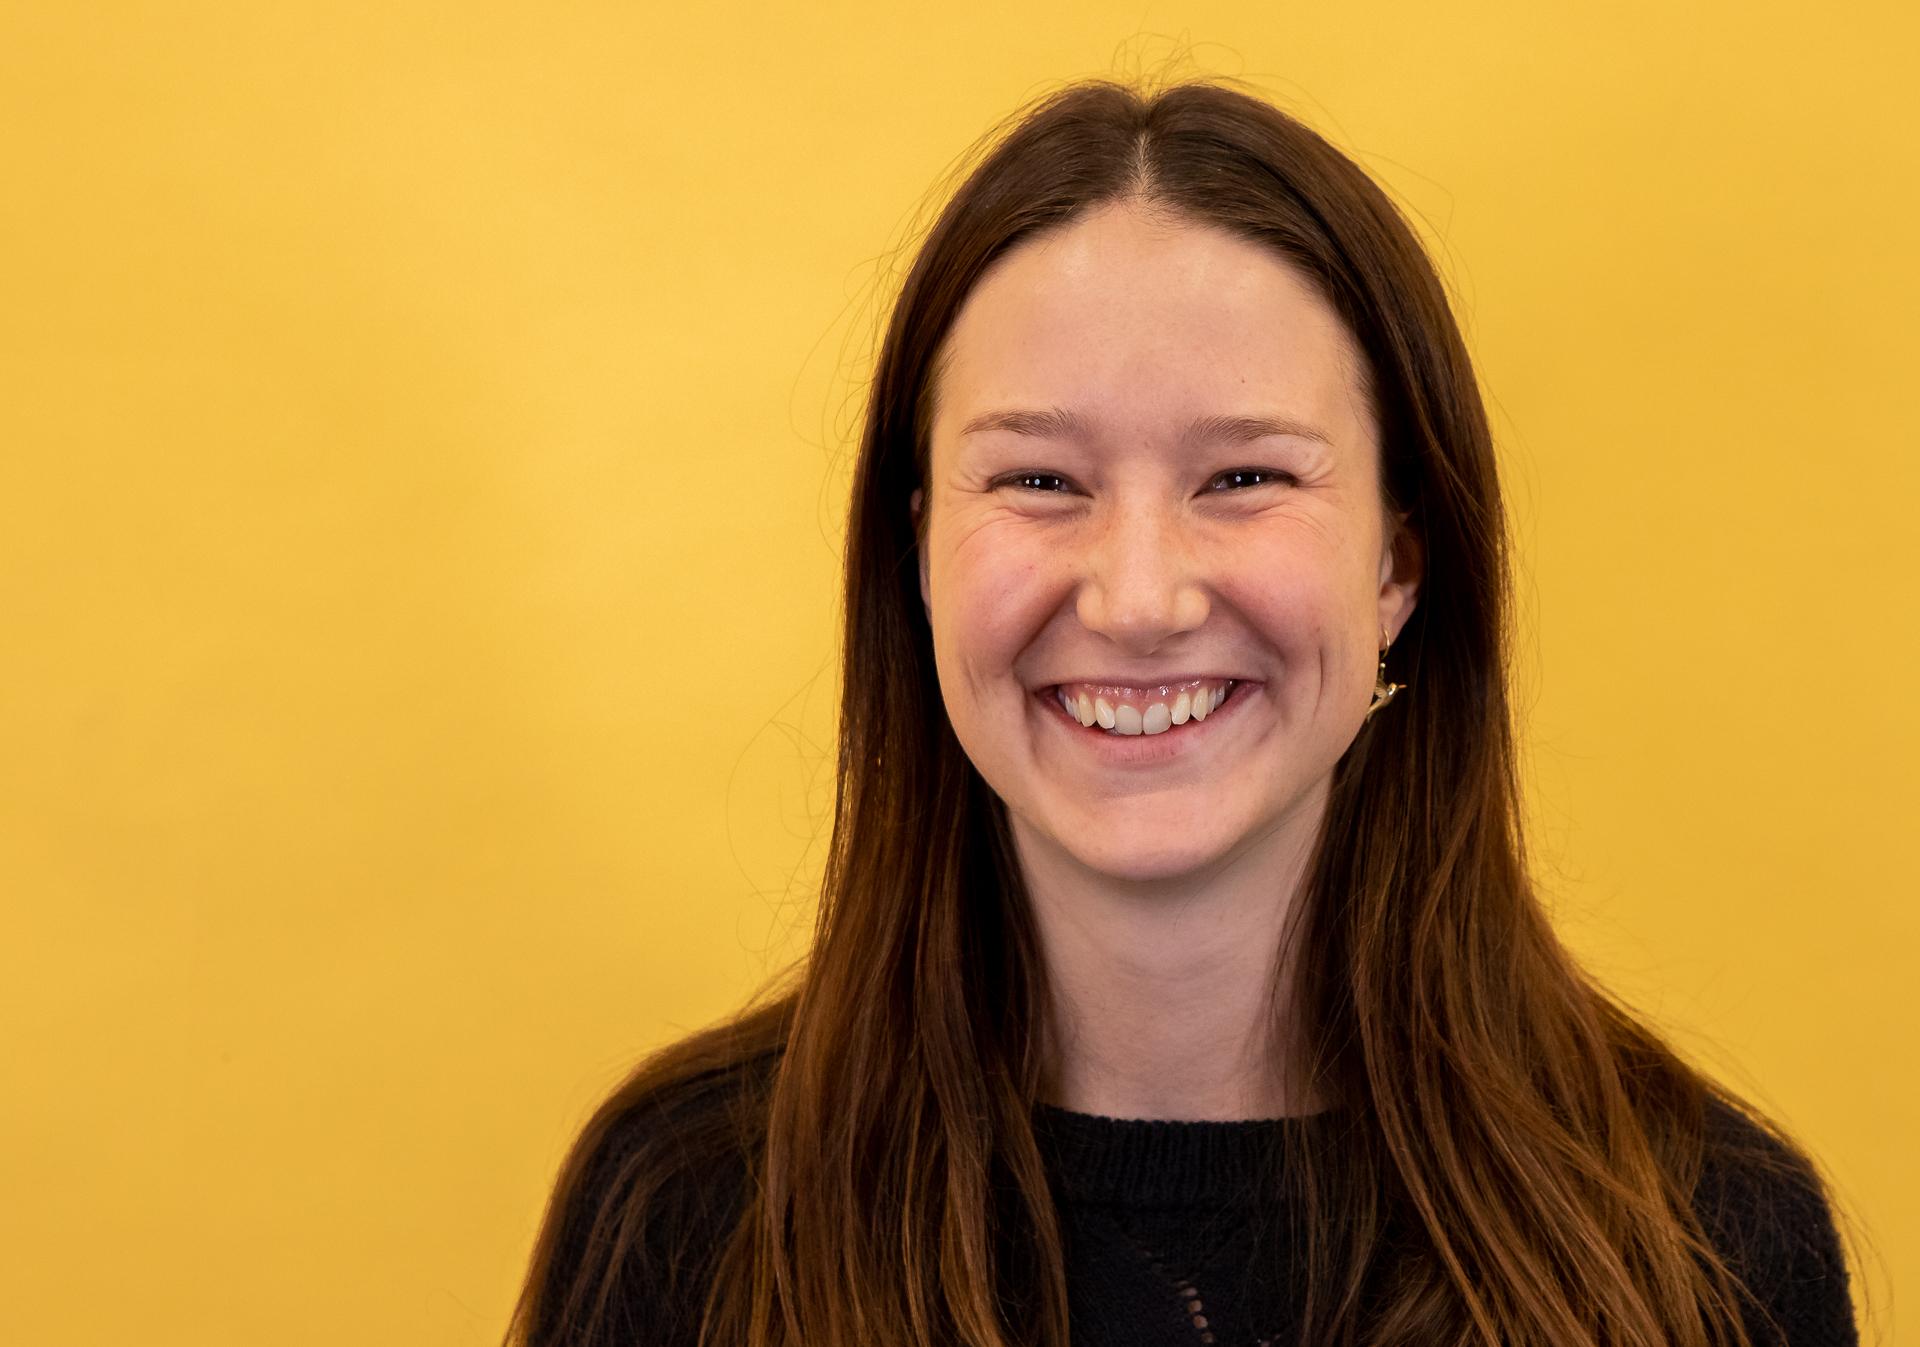 Anne-Sofie Karmark Pedersen